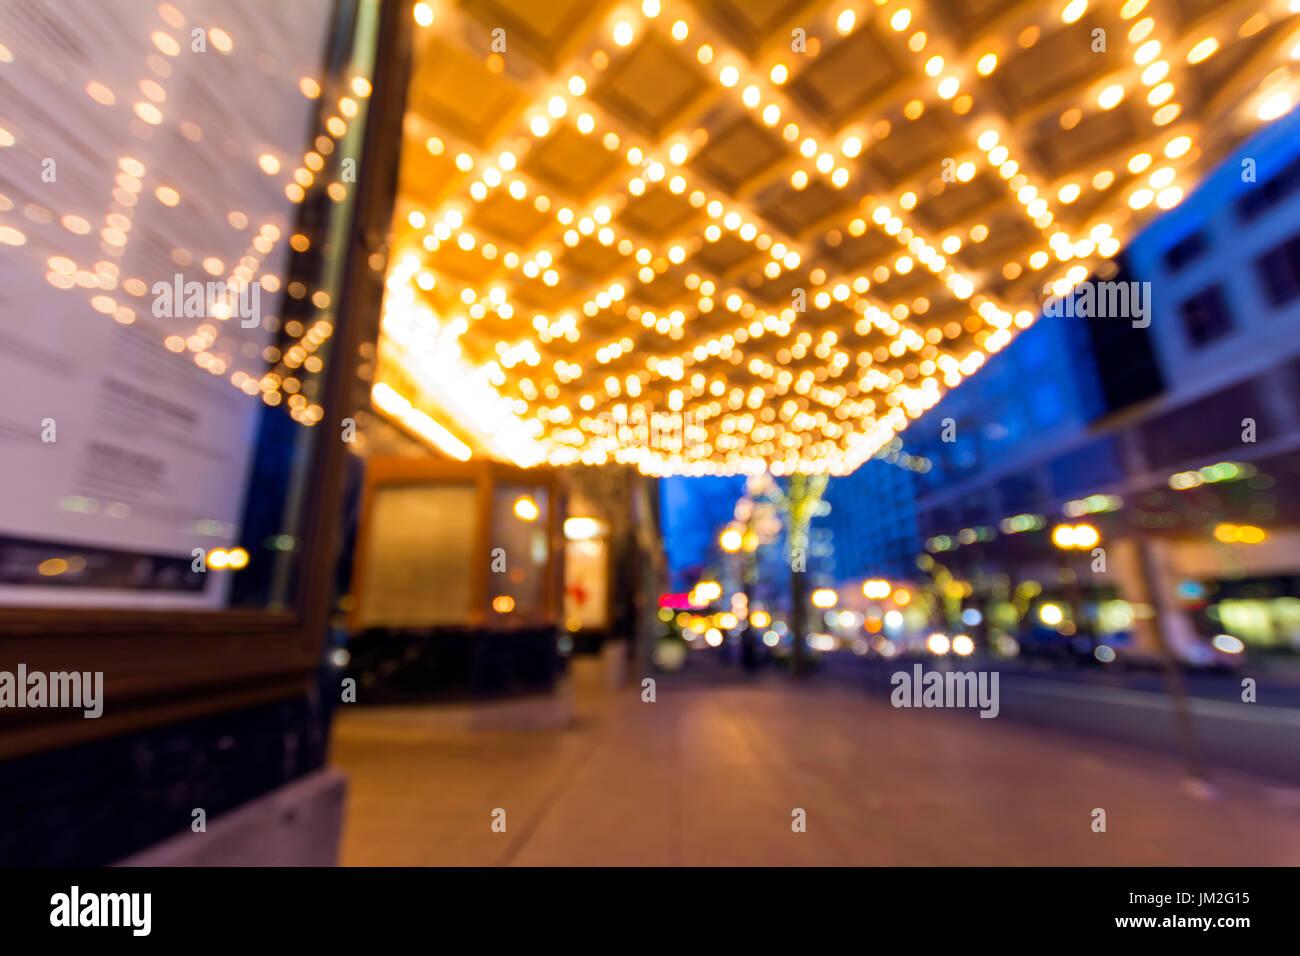 El centro de Portland, Oregón, en el distrito de compras y entretenimiento de la tarde Hora Azul con marquesina y semáforos Bokeh de fondo borroso Foto de stock